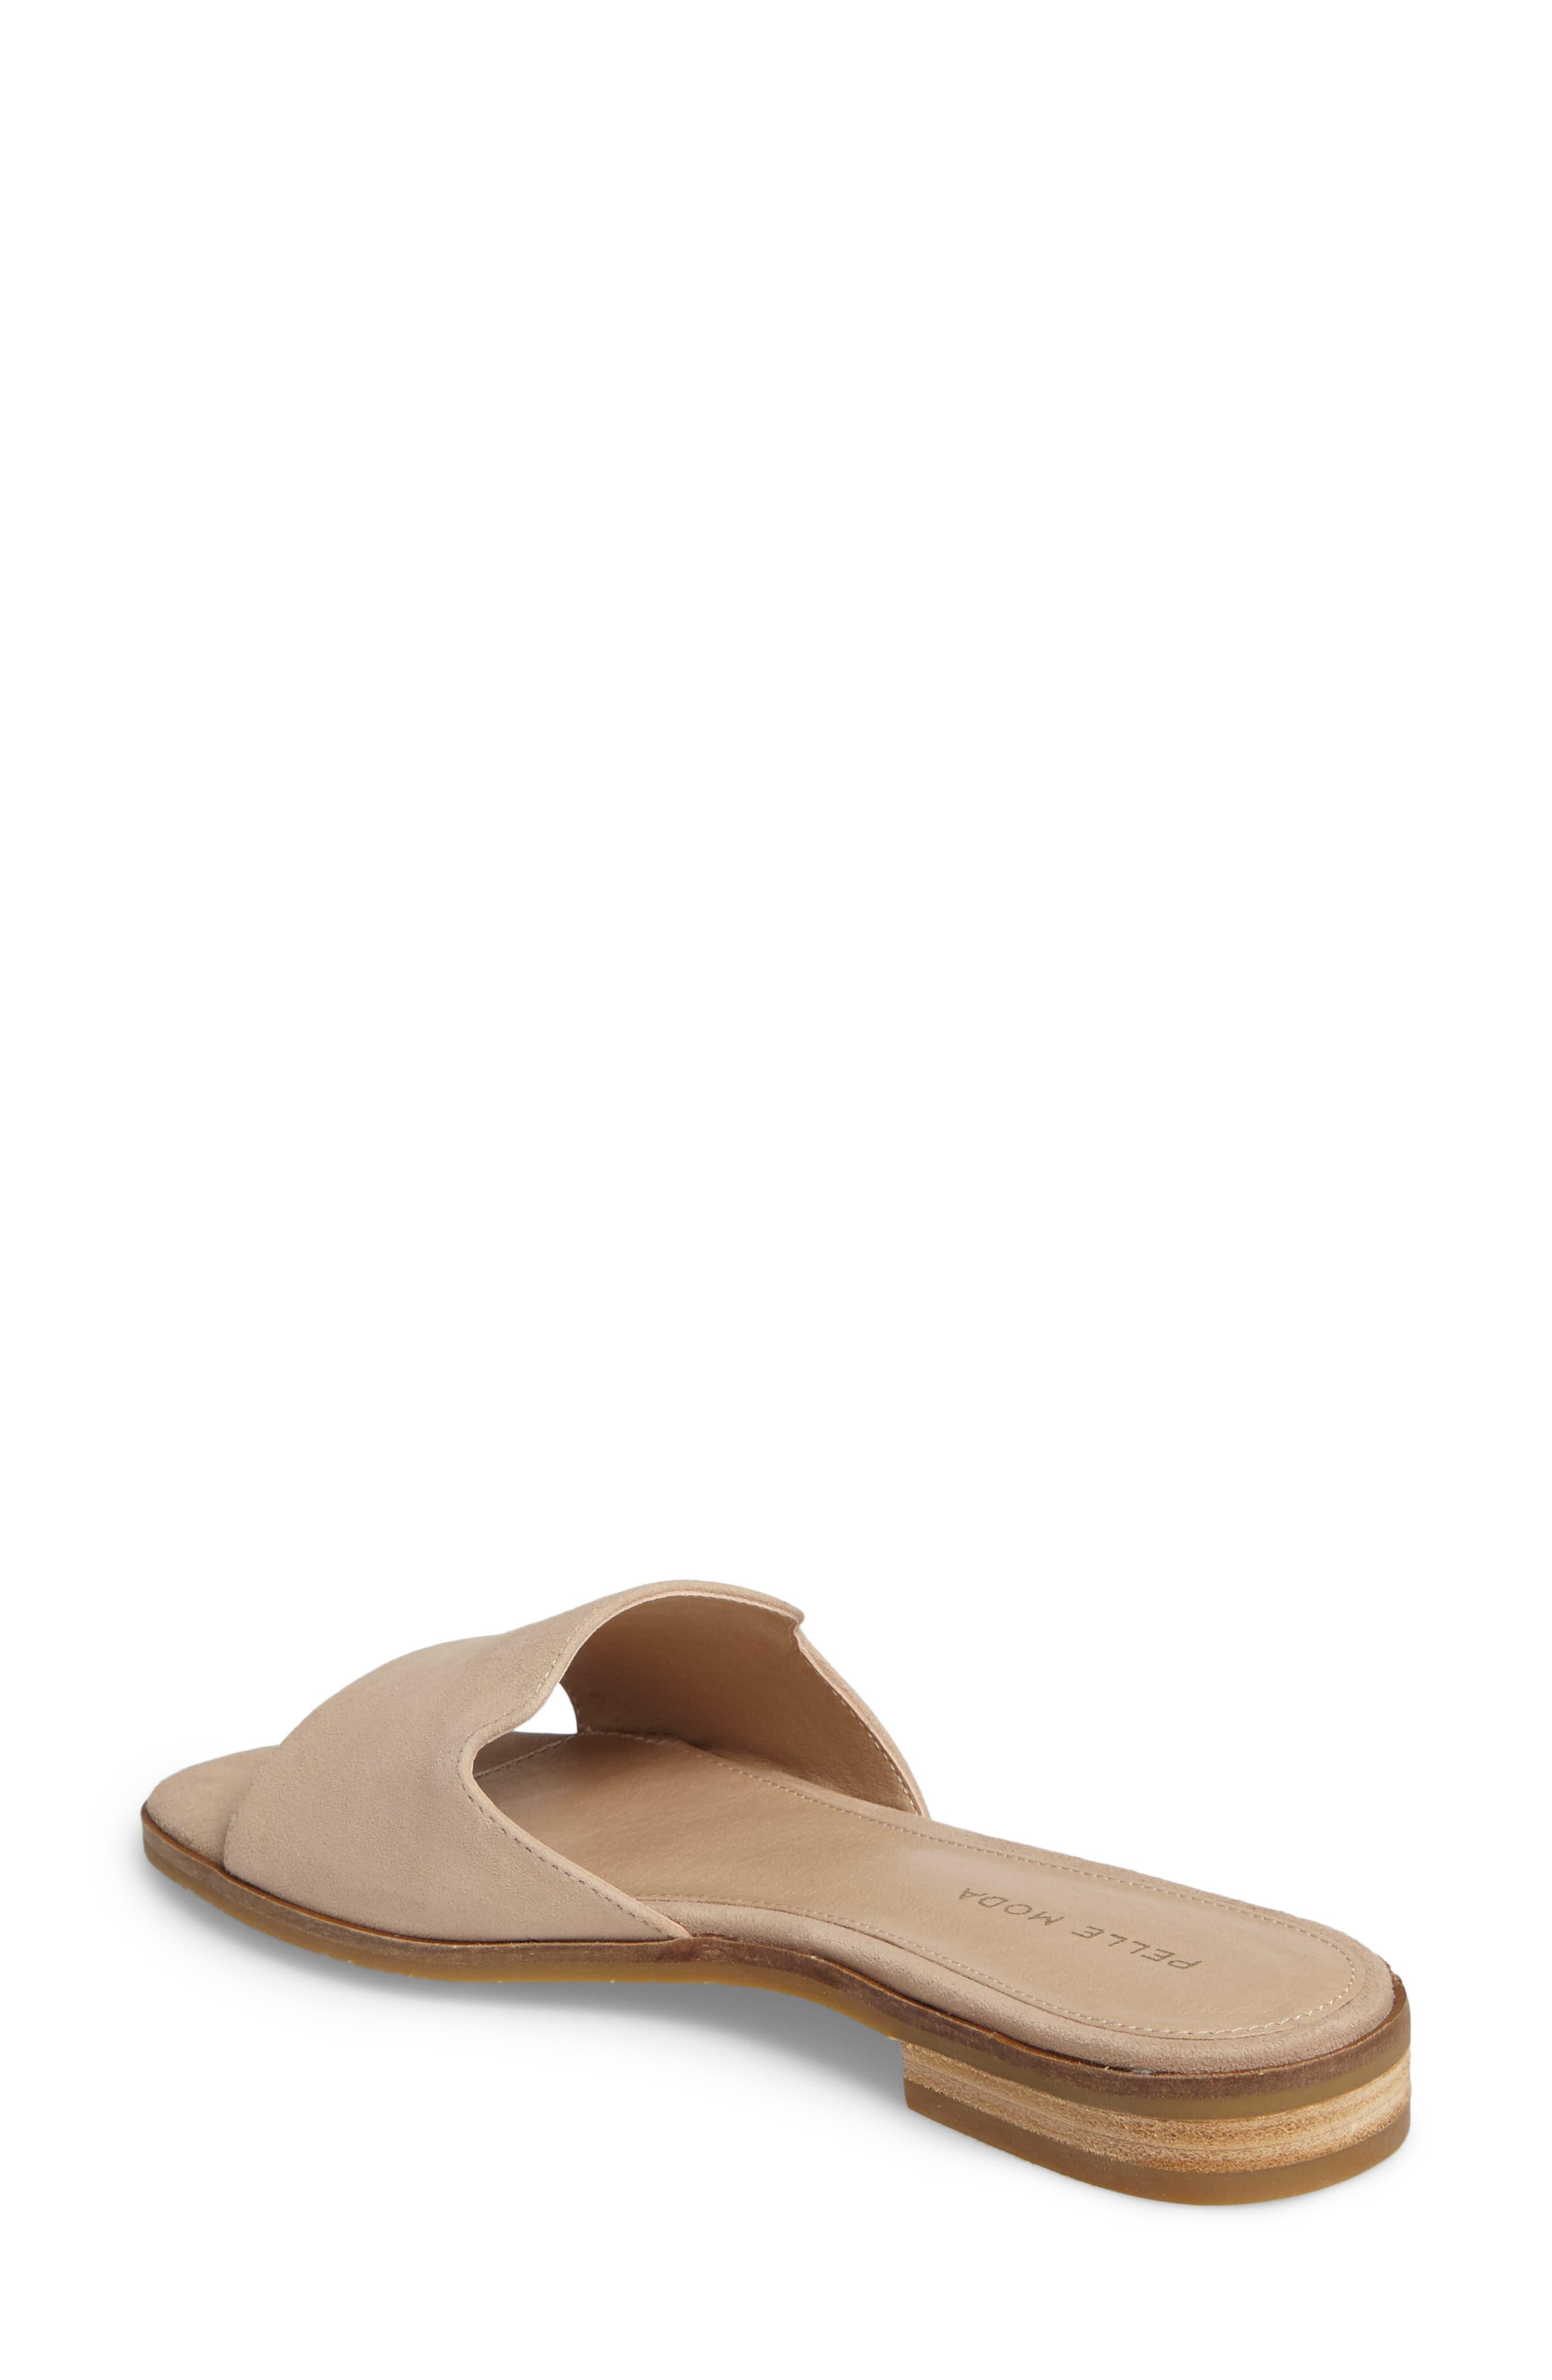 Hailey Slide Sandal,                             Alternate thumbnail 5, color,